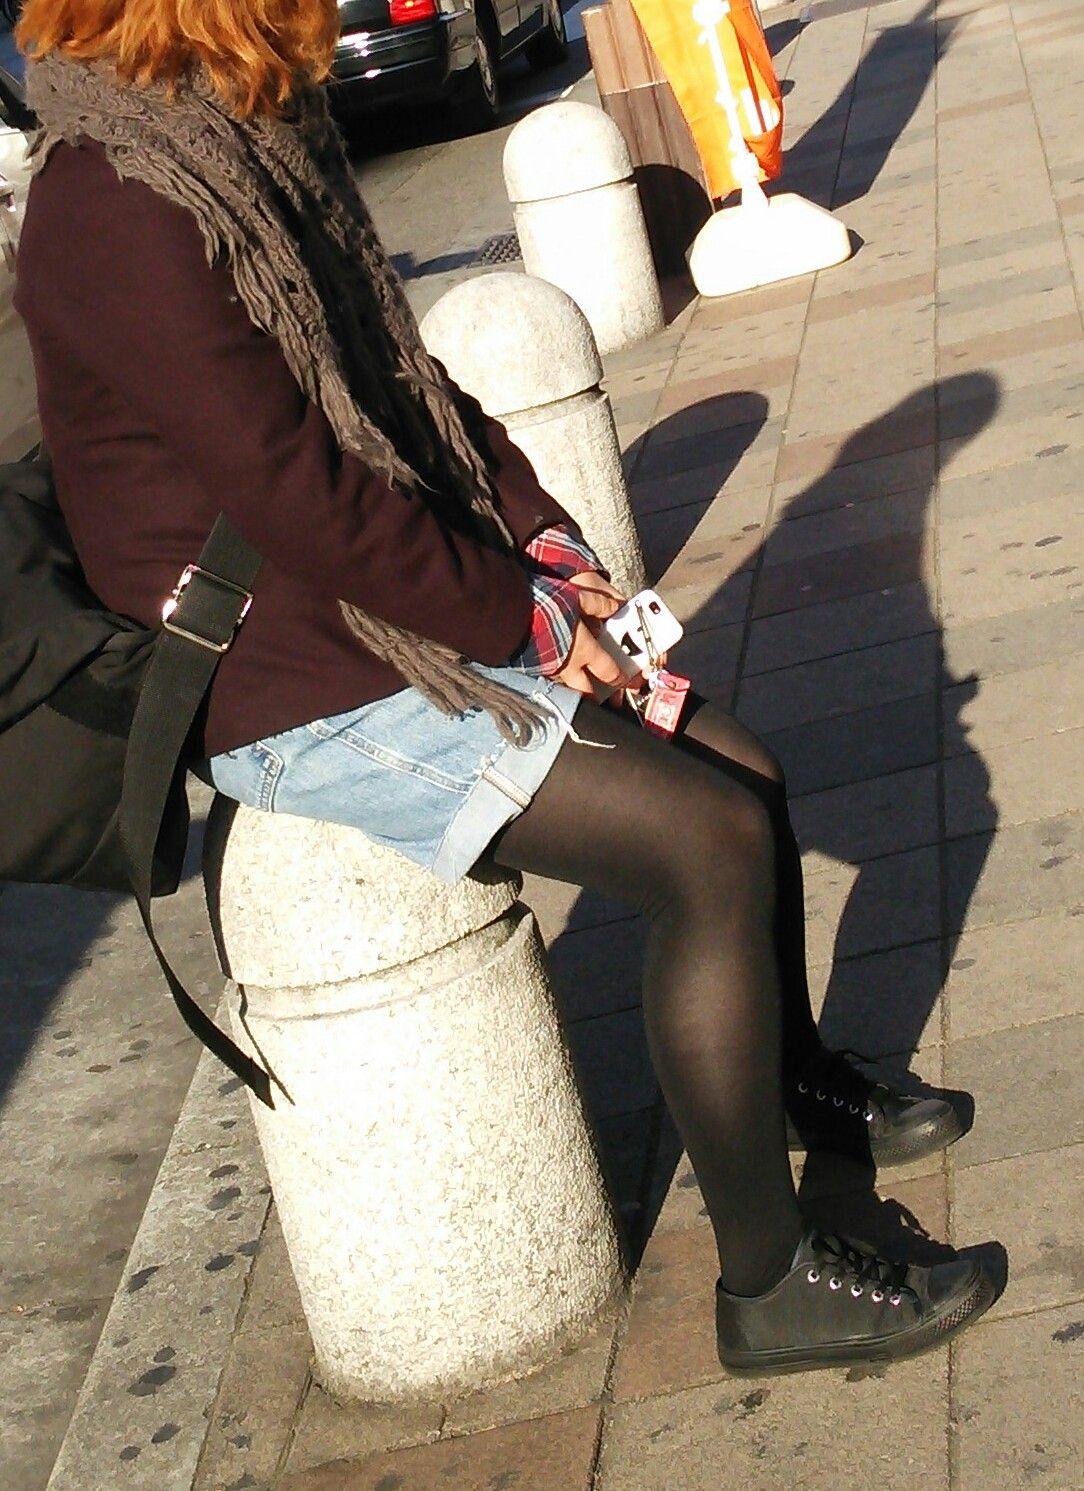 パンスト タイツ ショートパンツ 冬 太もも 街撮り エロ画像【5】